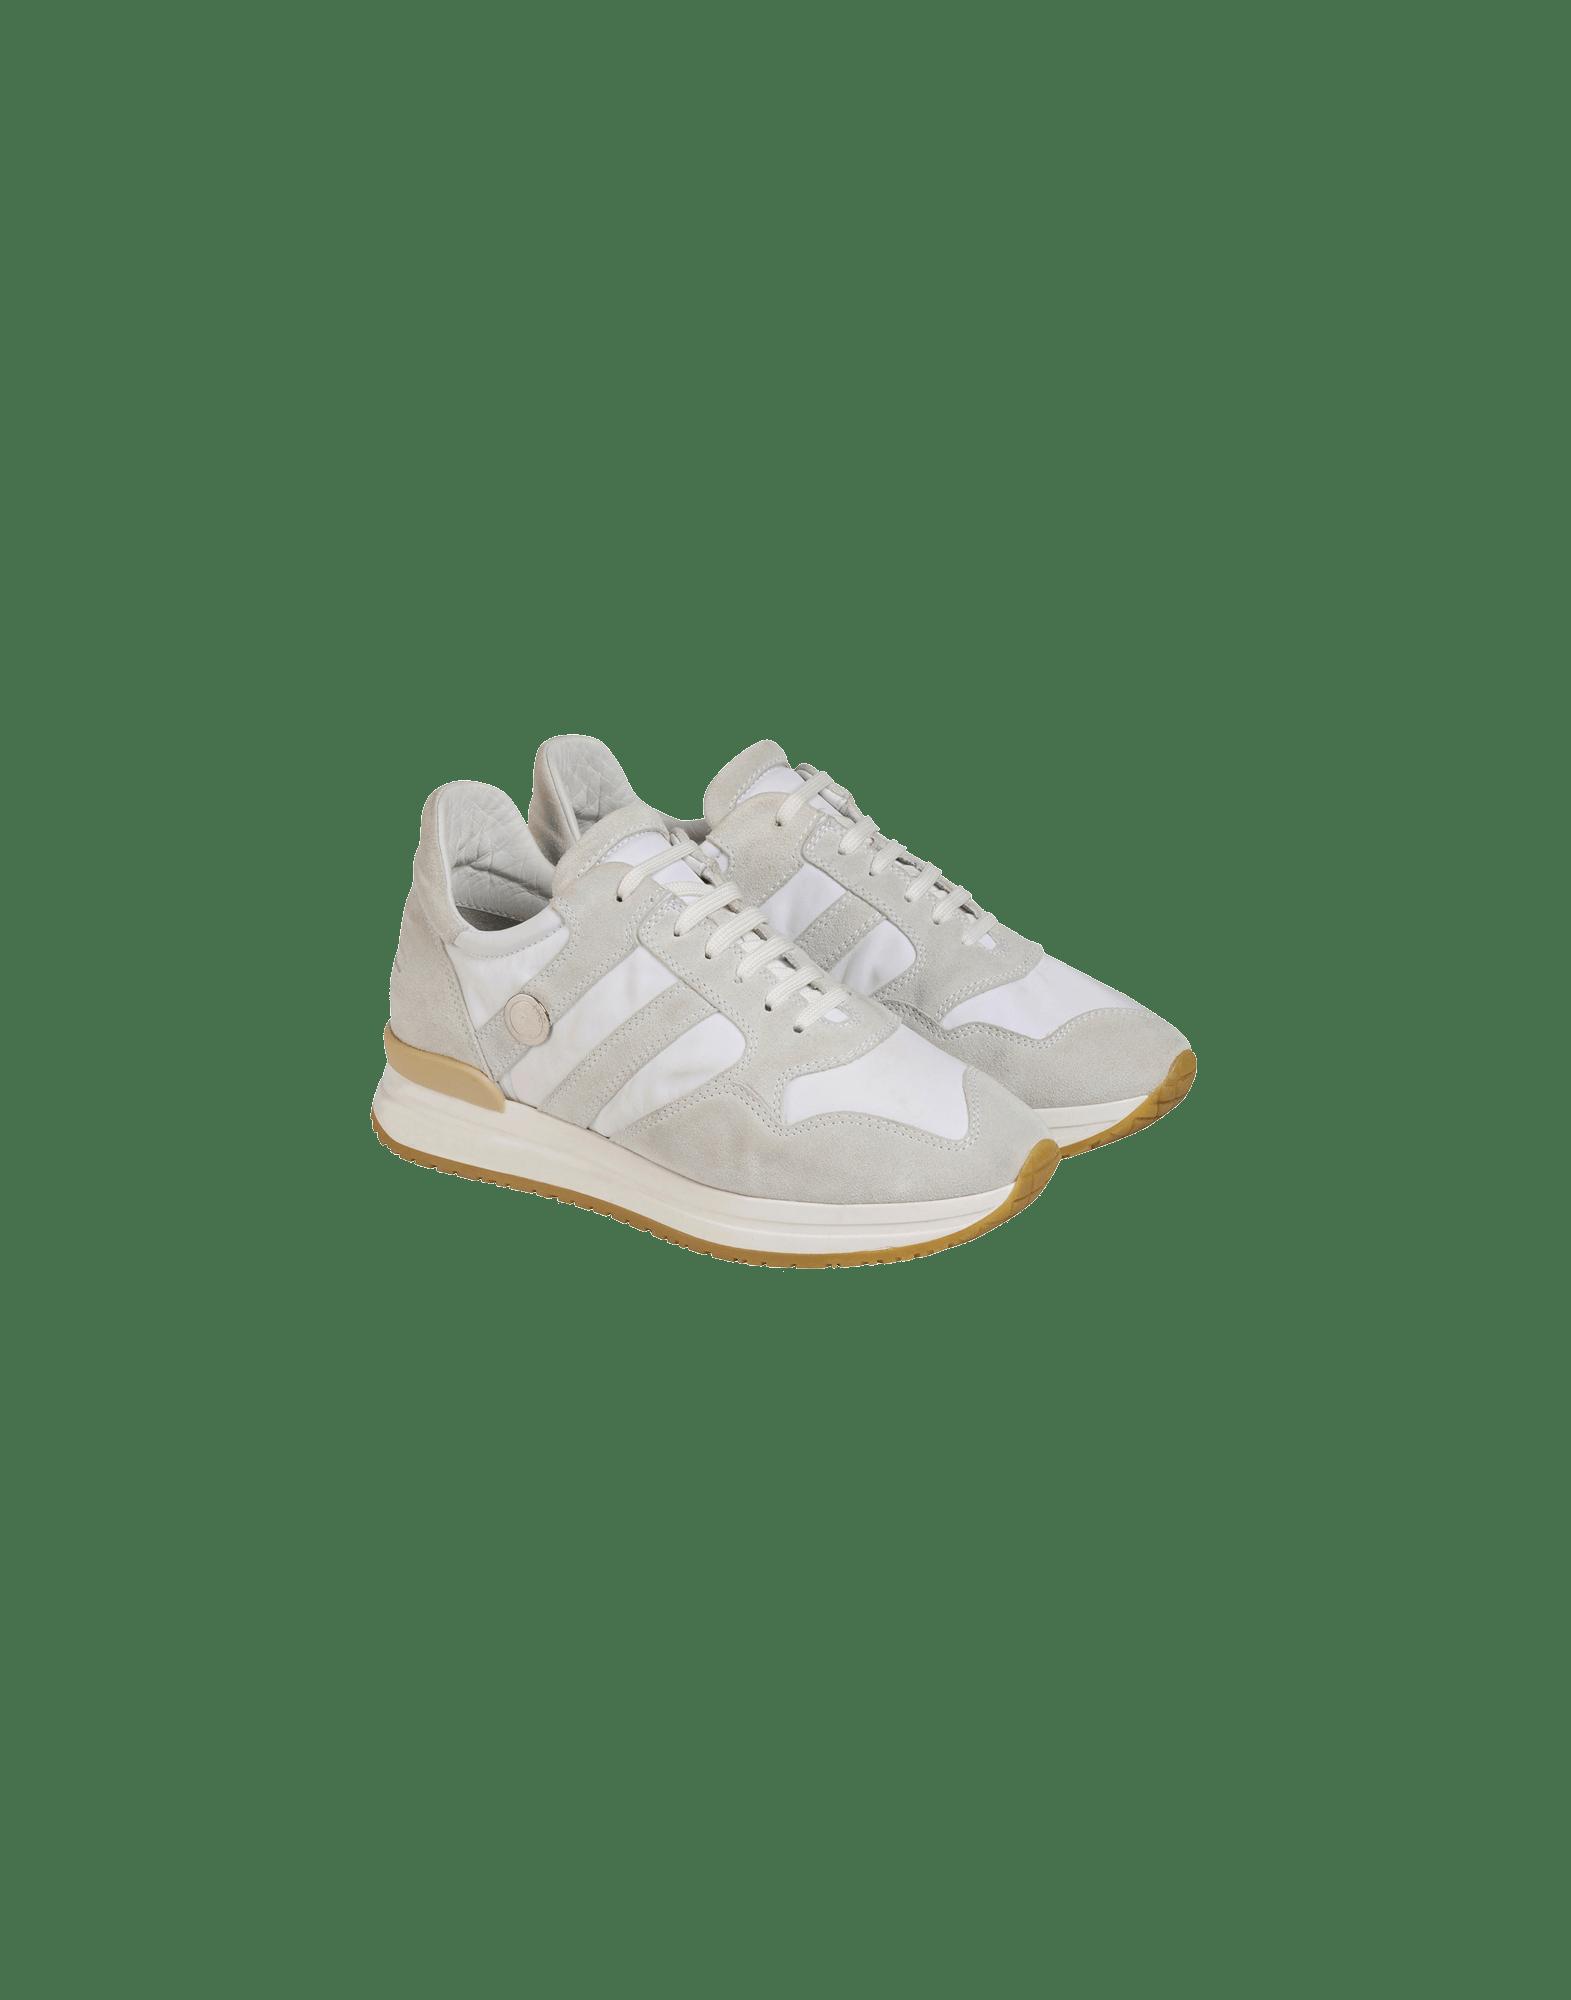 FRANTIC: Cream suede luxe sneakers